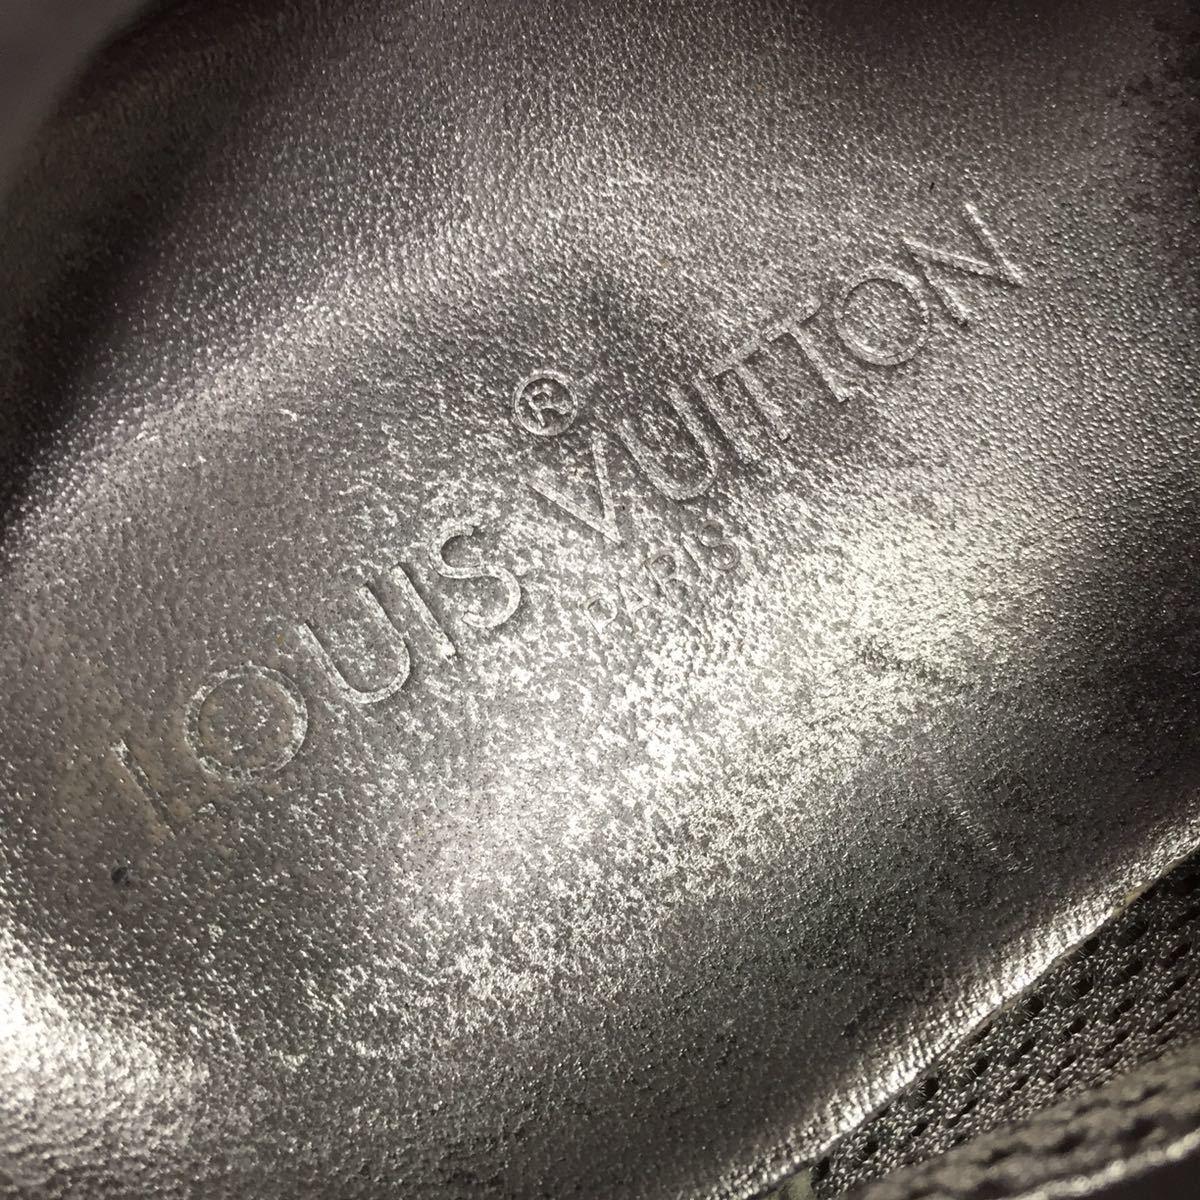 【ルイヴィトン】本物 LOUIS VUITTON 靴 26cm 黒色系 LVロゴ スニーカー カジュアルシューズ スエード 男性用 メンズ イタリア製 7_画像9